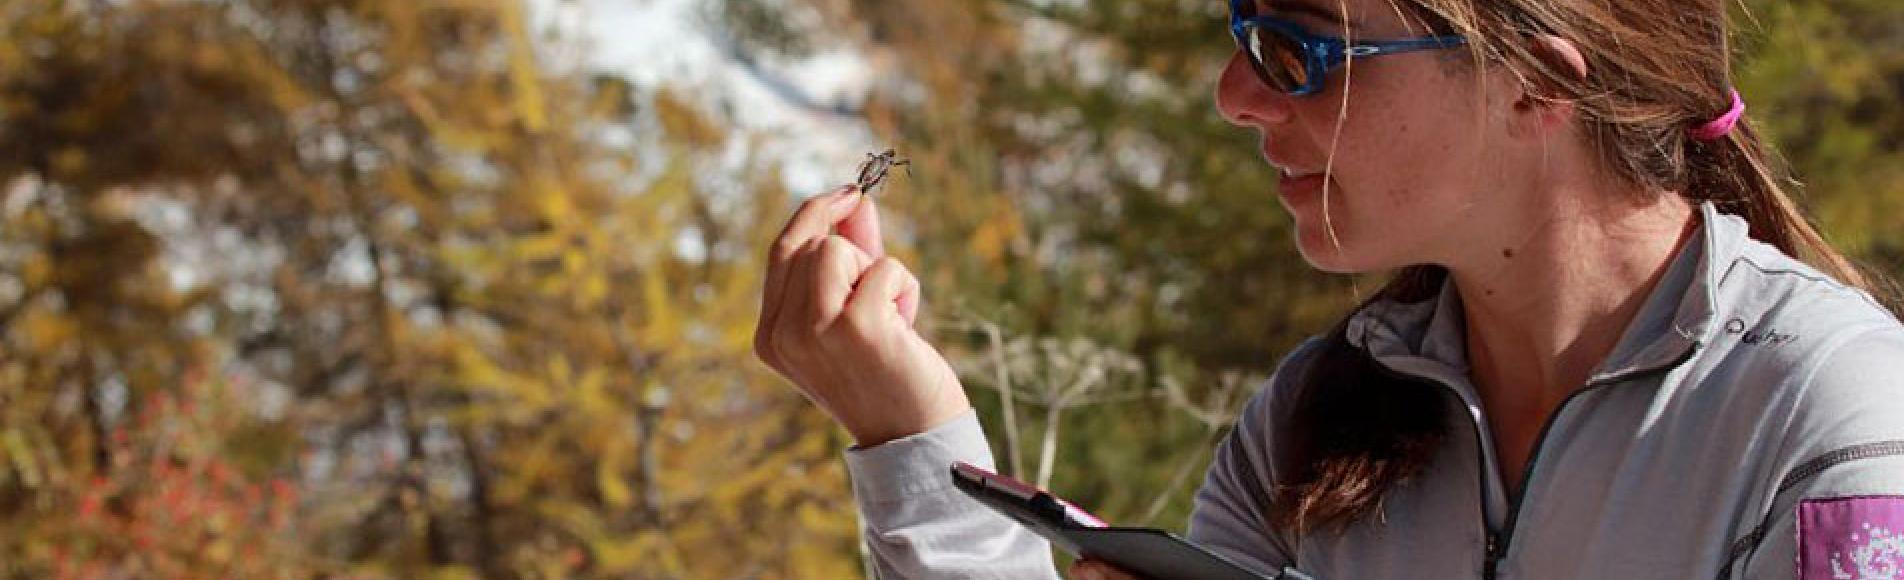 Détermination d'orthoptères - © C.Albert - Parc national des Écrins